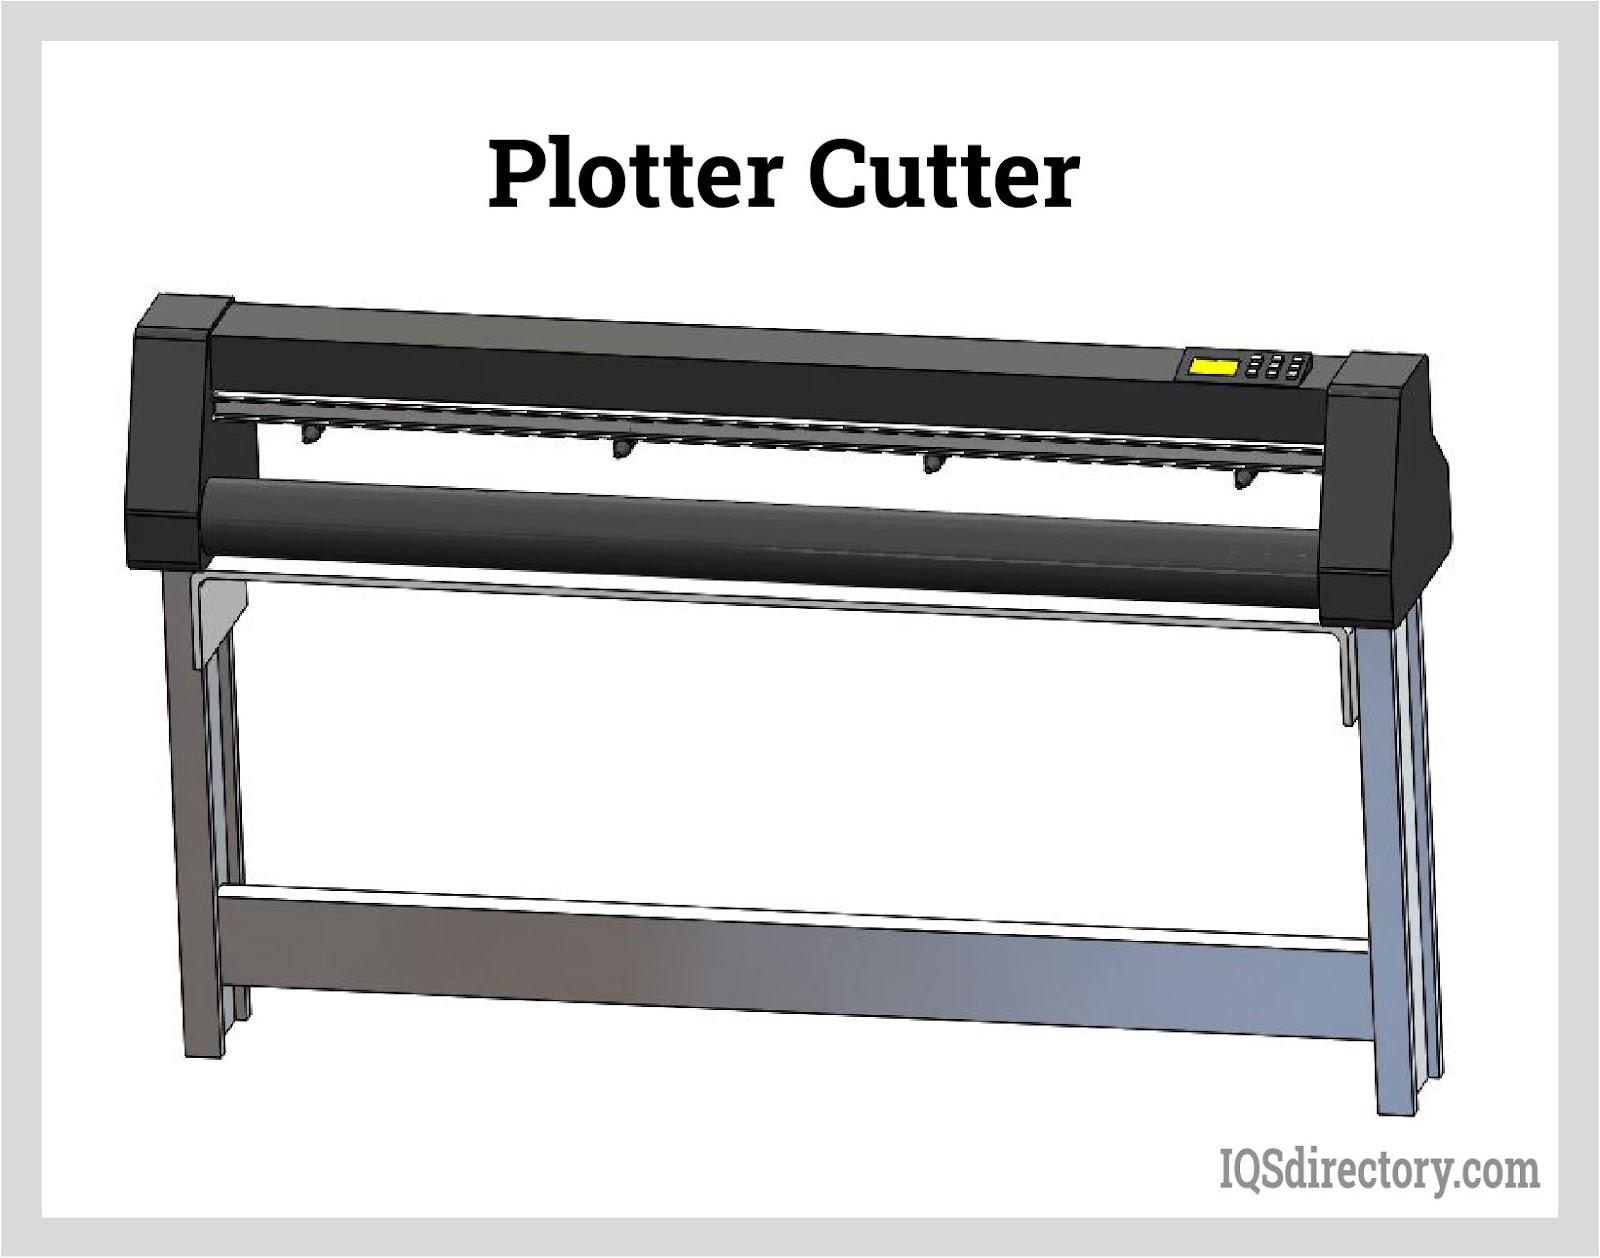 Plotter Cutter